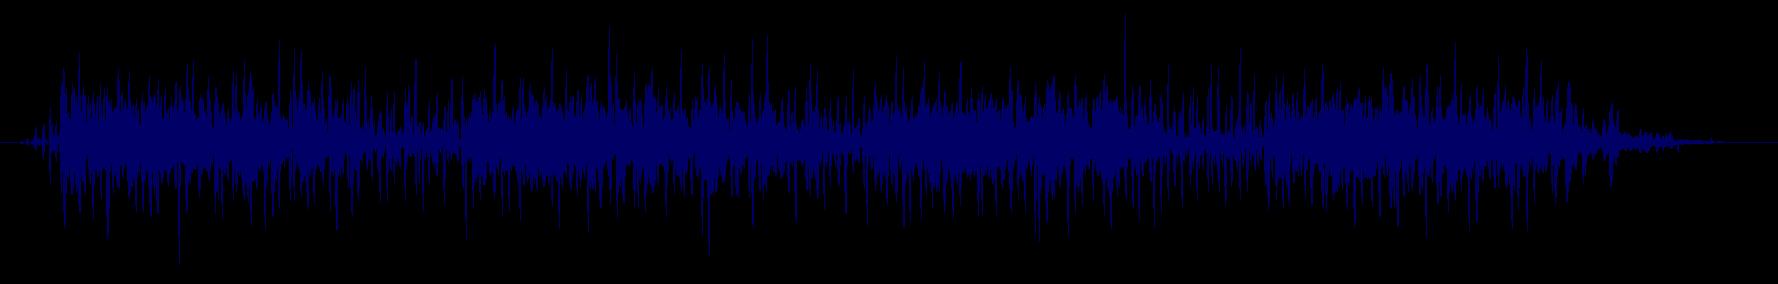 waveform of track #126207